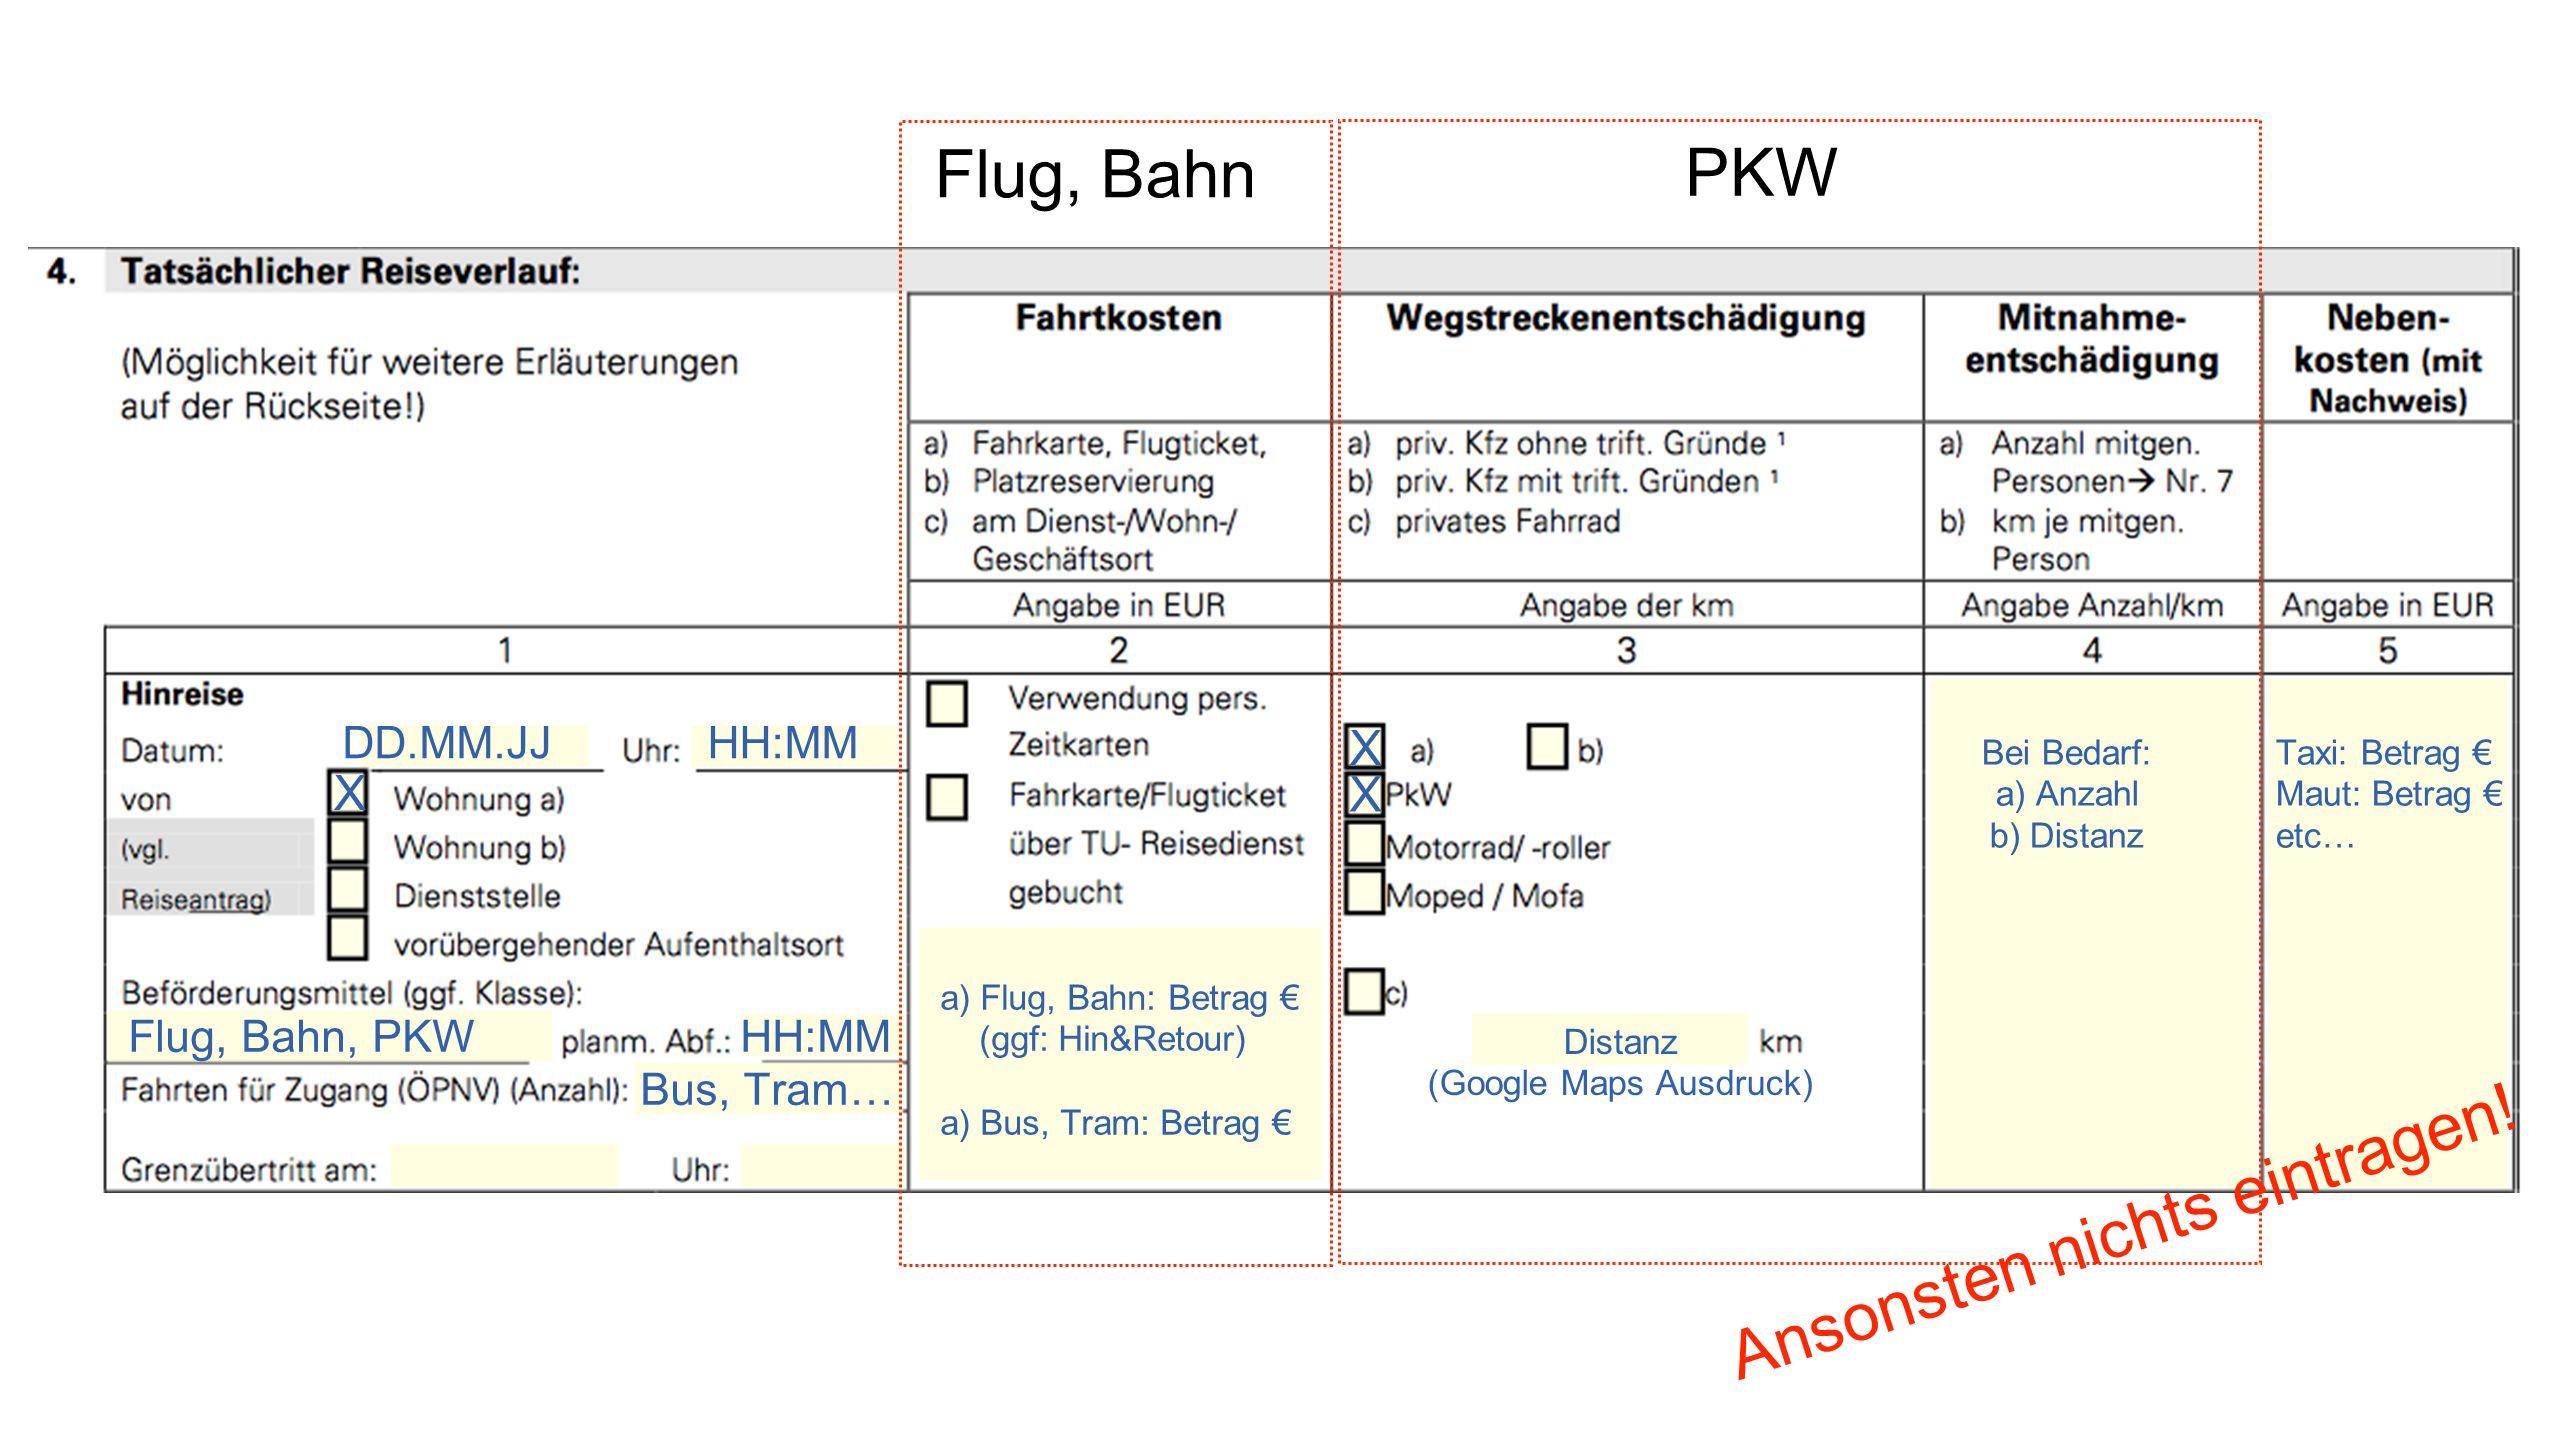 PKW DD.MM.JJHH:MM X Flug, Bahn, PKWHH:MM Bus, Tram… Flug, Bahn a) Flug, Bahn: Betrag € (ggf: Hin&Retour) a) Bus, Tram: Betrag € X X Distanz (Google Maps Ausdruck) Bei Bedarf: a) Anzahl b) Distanz Taxi: Betrag € Maut: Betrag € etc… Ansonsten nichts eintragen!